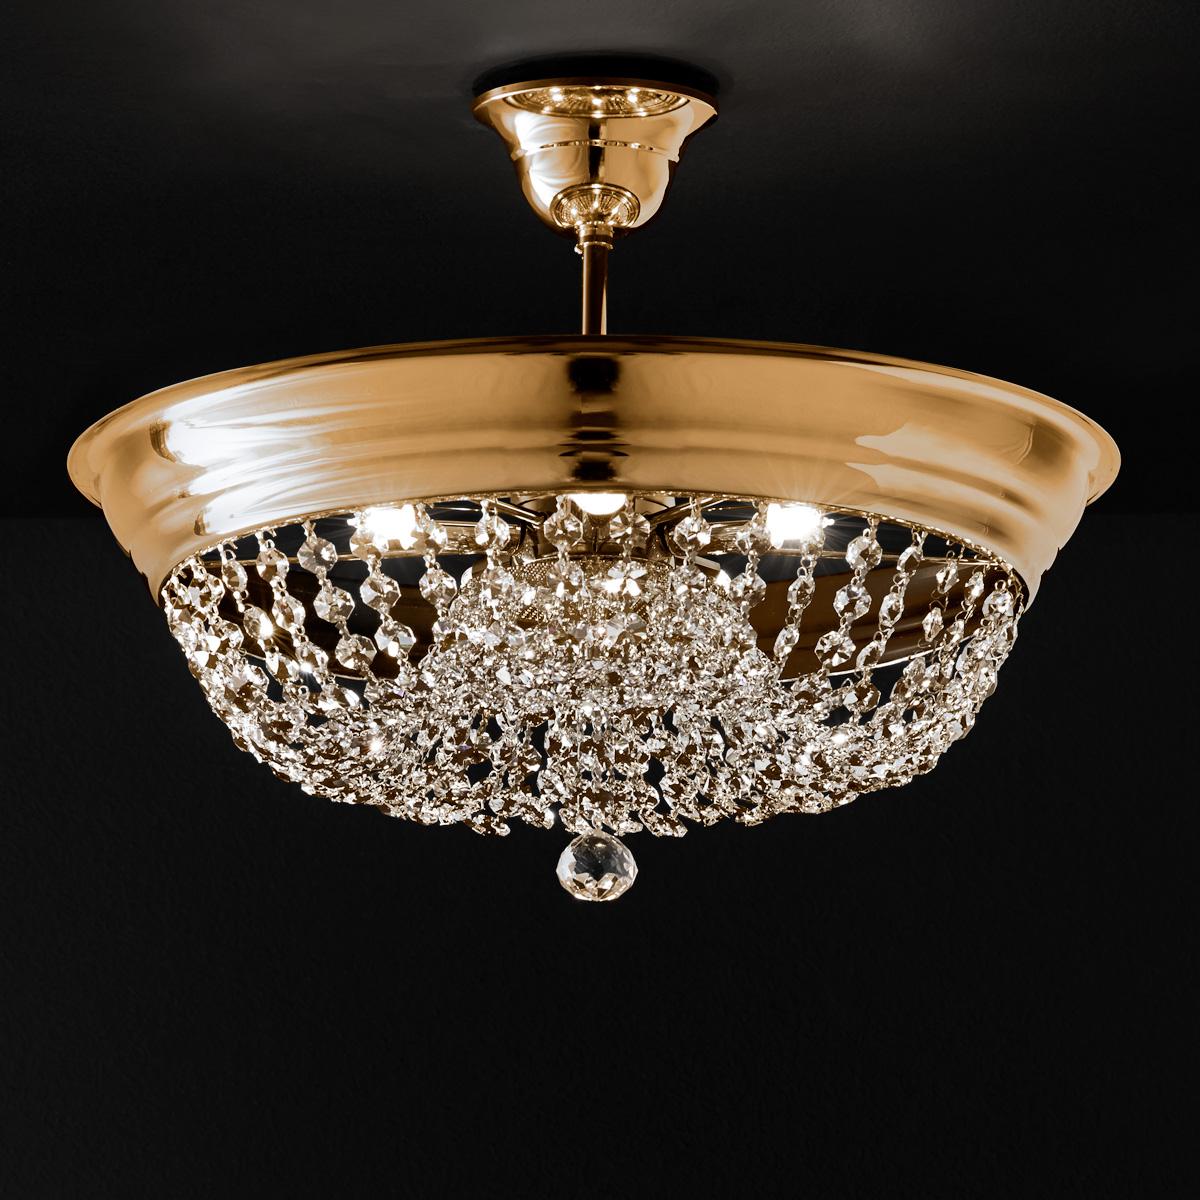 Φωτιστικό οροφής με κρυσταλλάκια ΑΡΤΕΜΙΣ crystal ceiling lighting